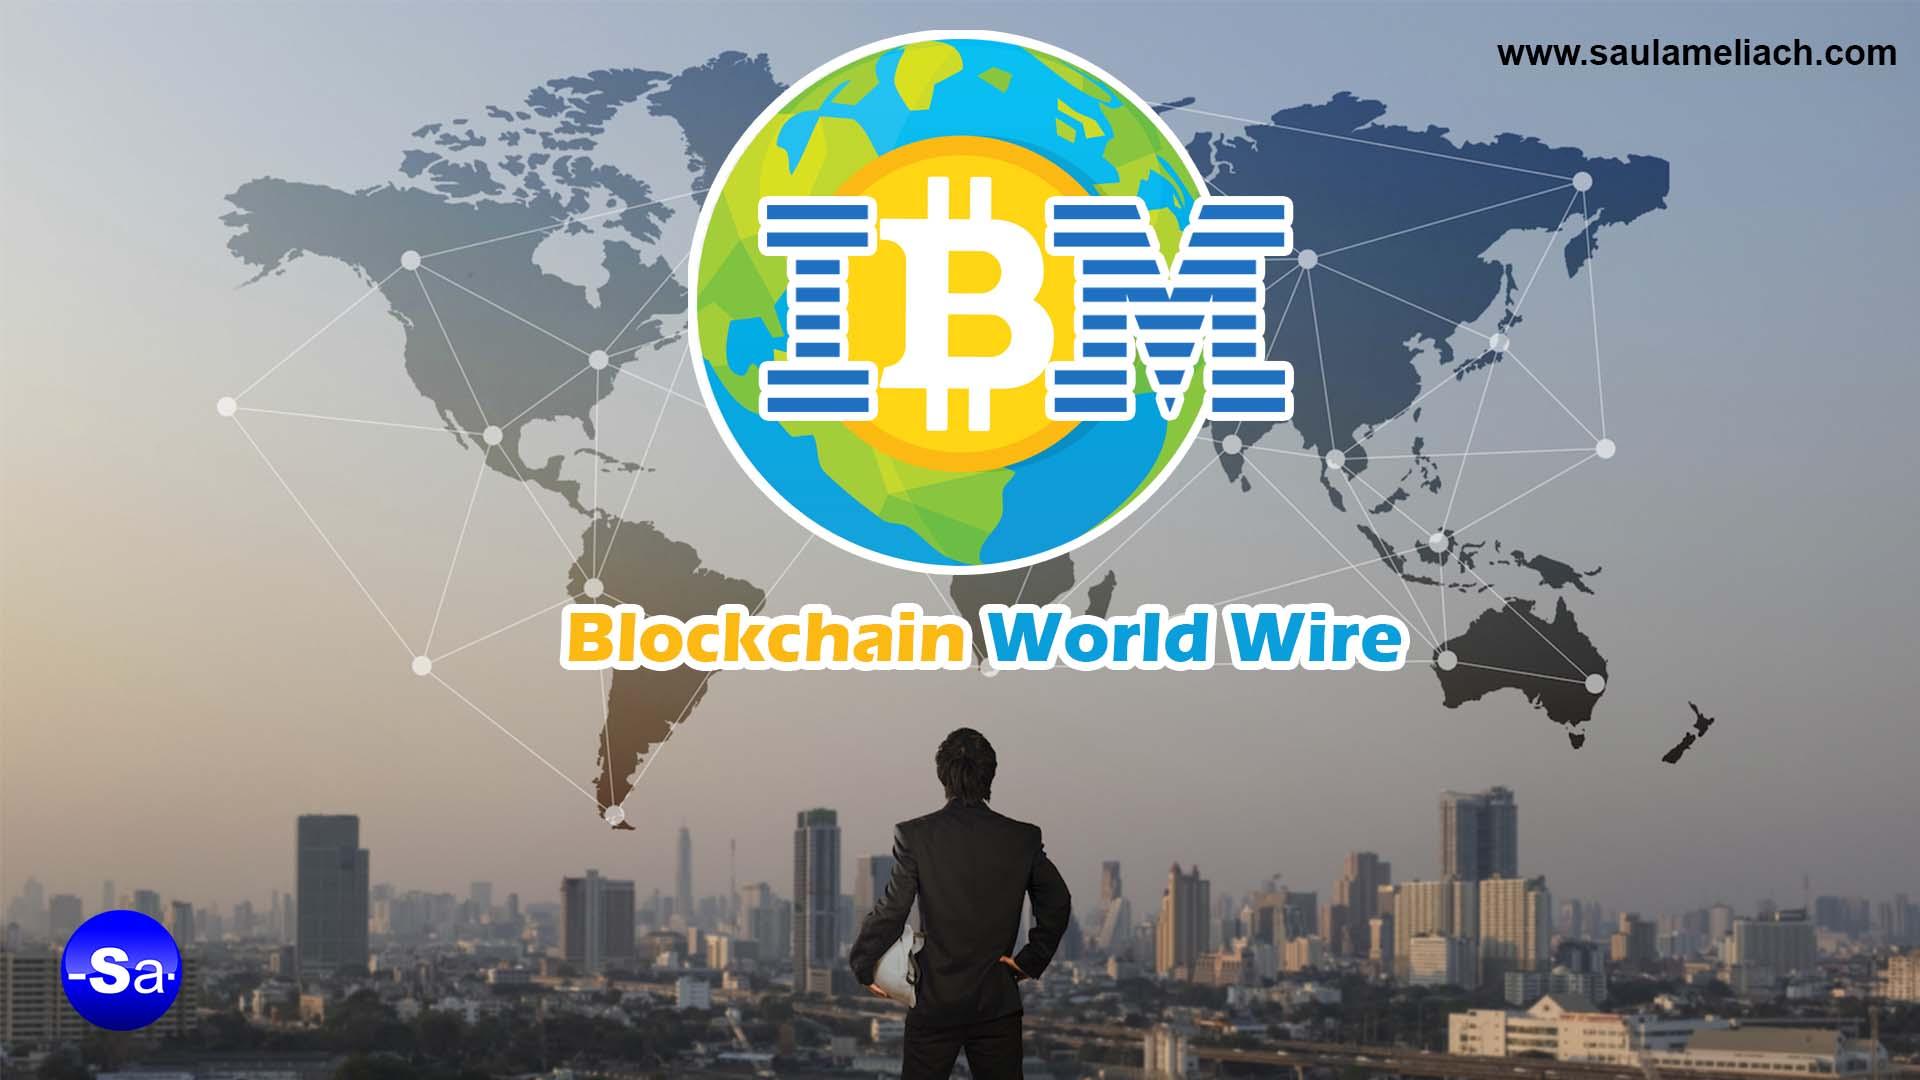 Criptominer - IBMBlockchain crea nueva red de pago Blockchain World Wire